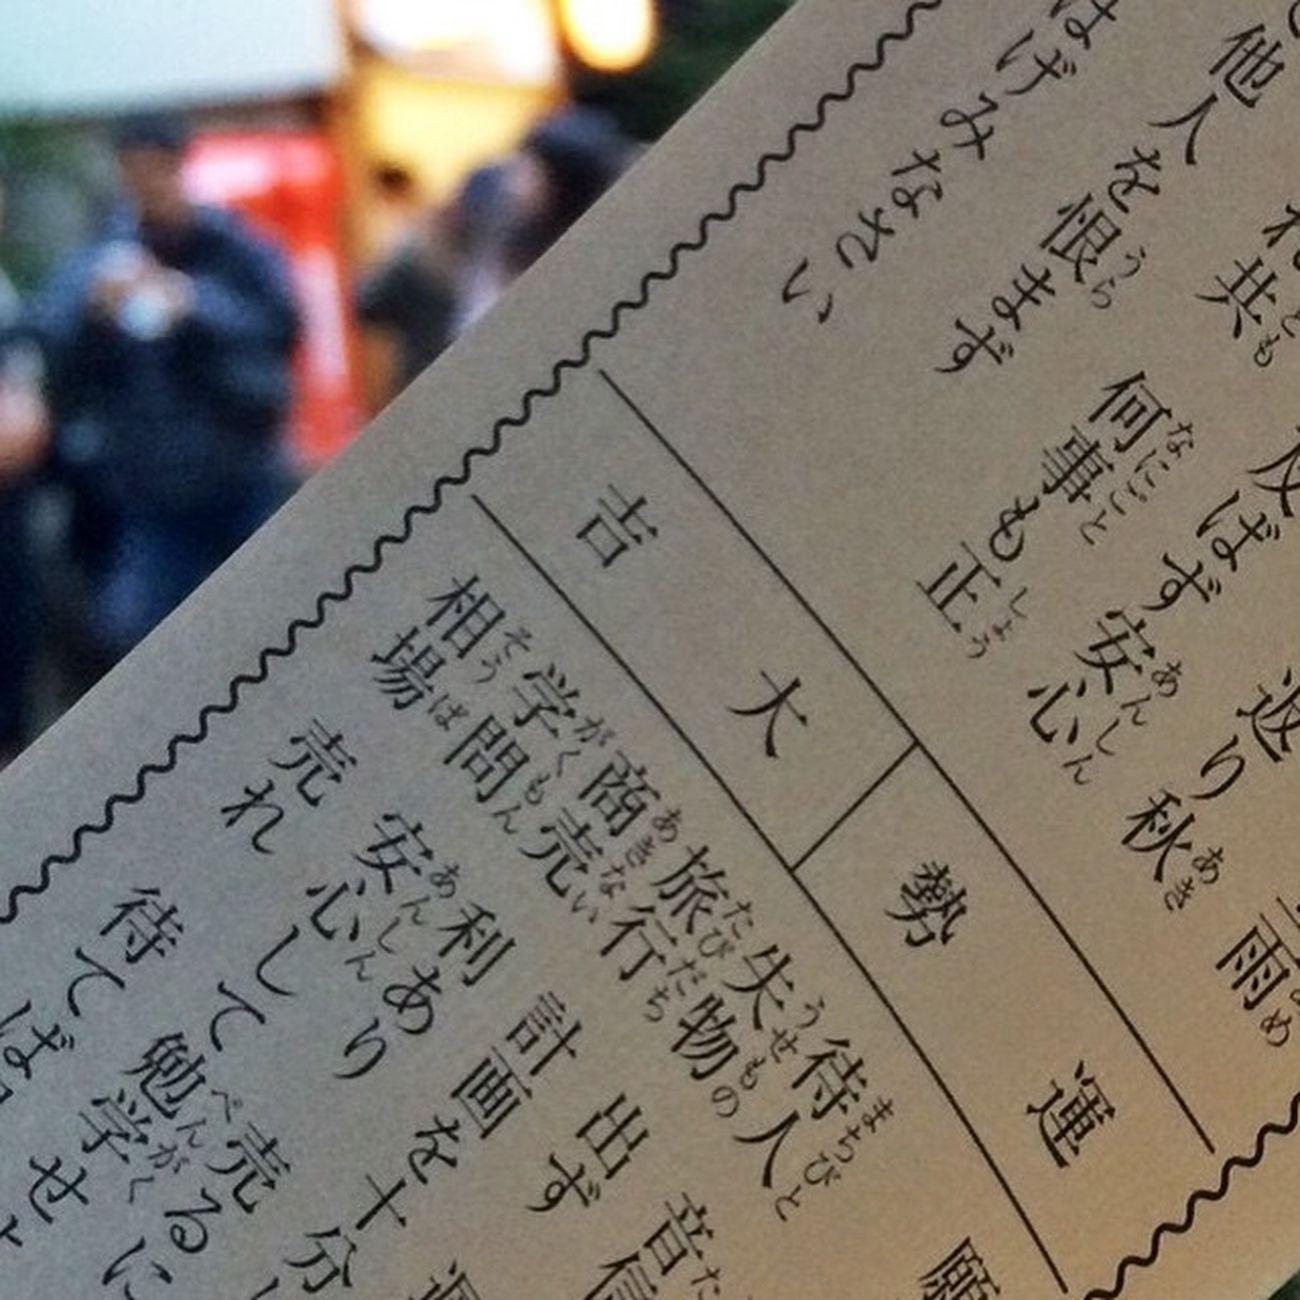 おみくじ 初詣 2015  Takeout 大吉 東京大神宮 飯田橋 持ち帰り Daikichi